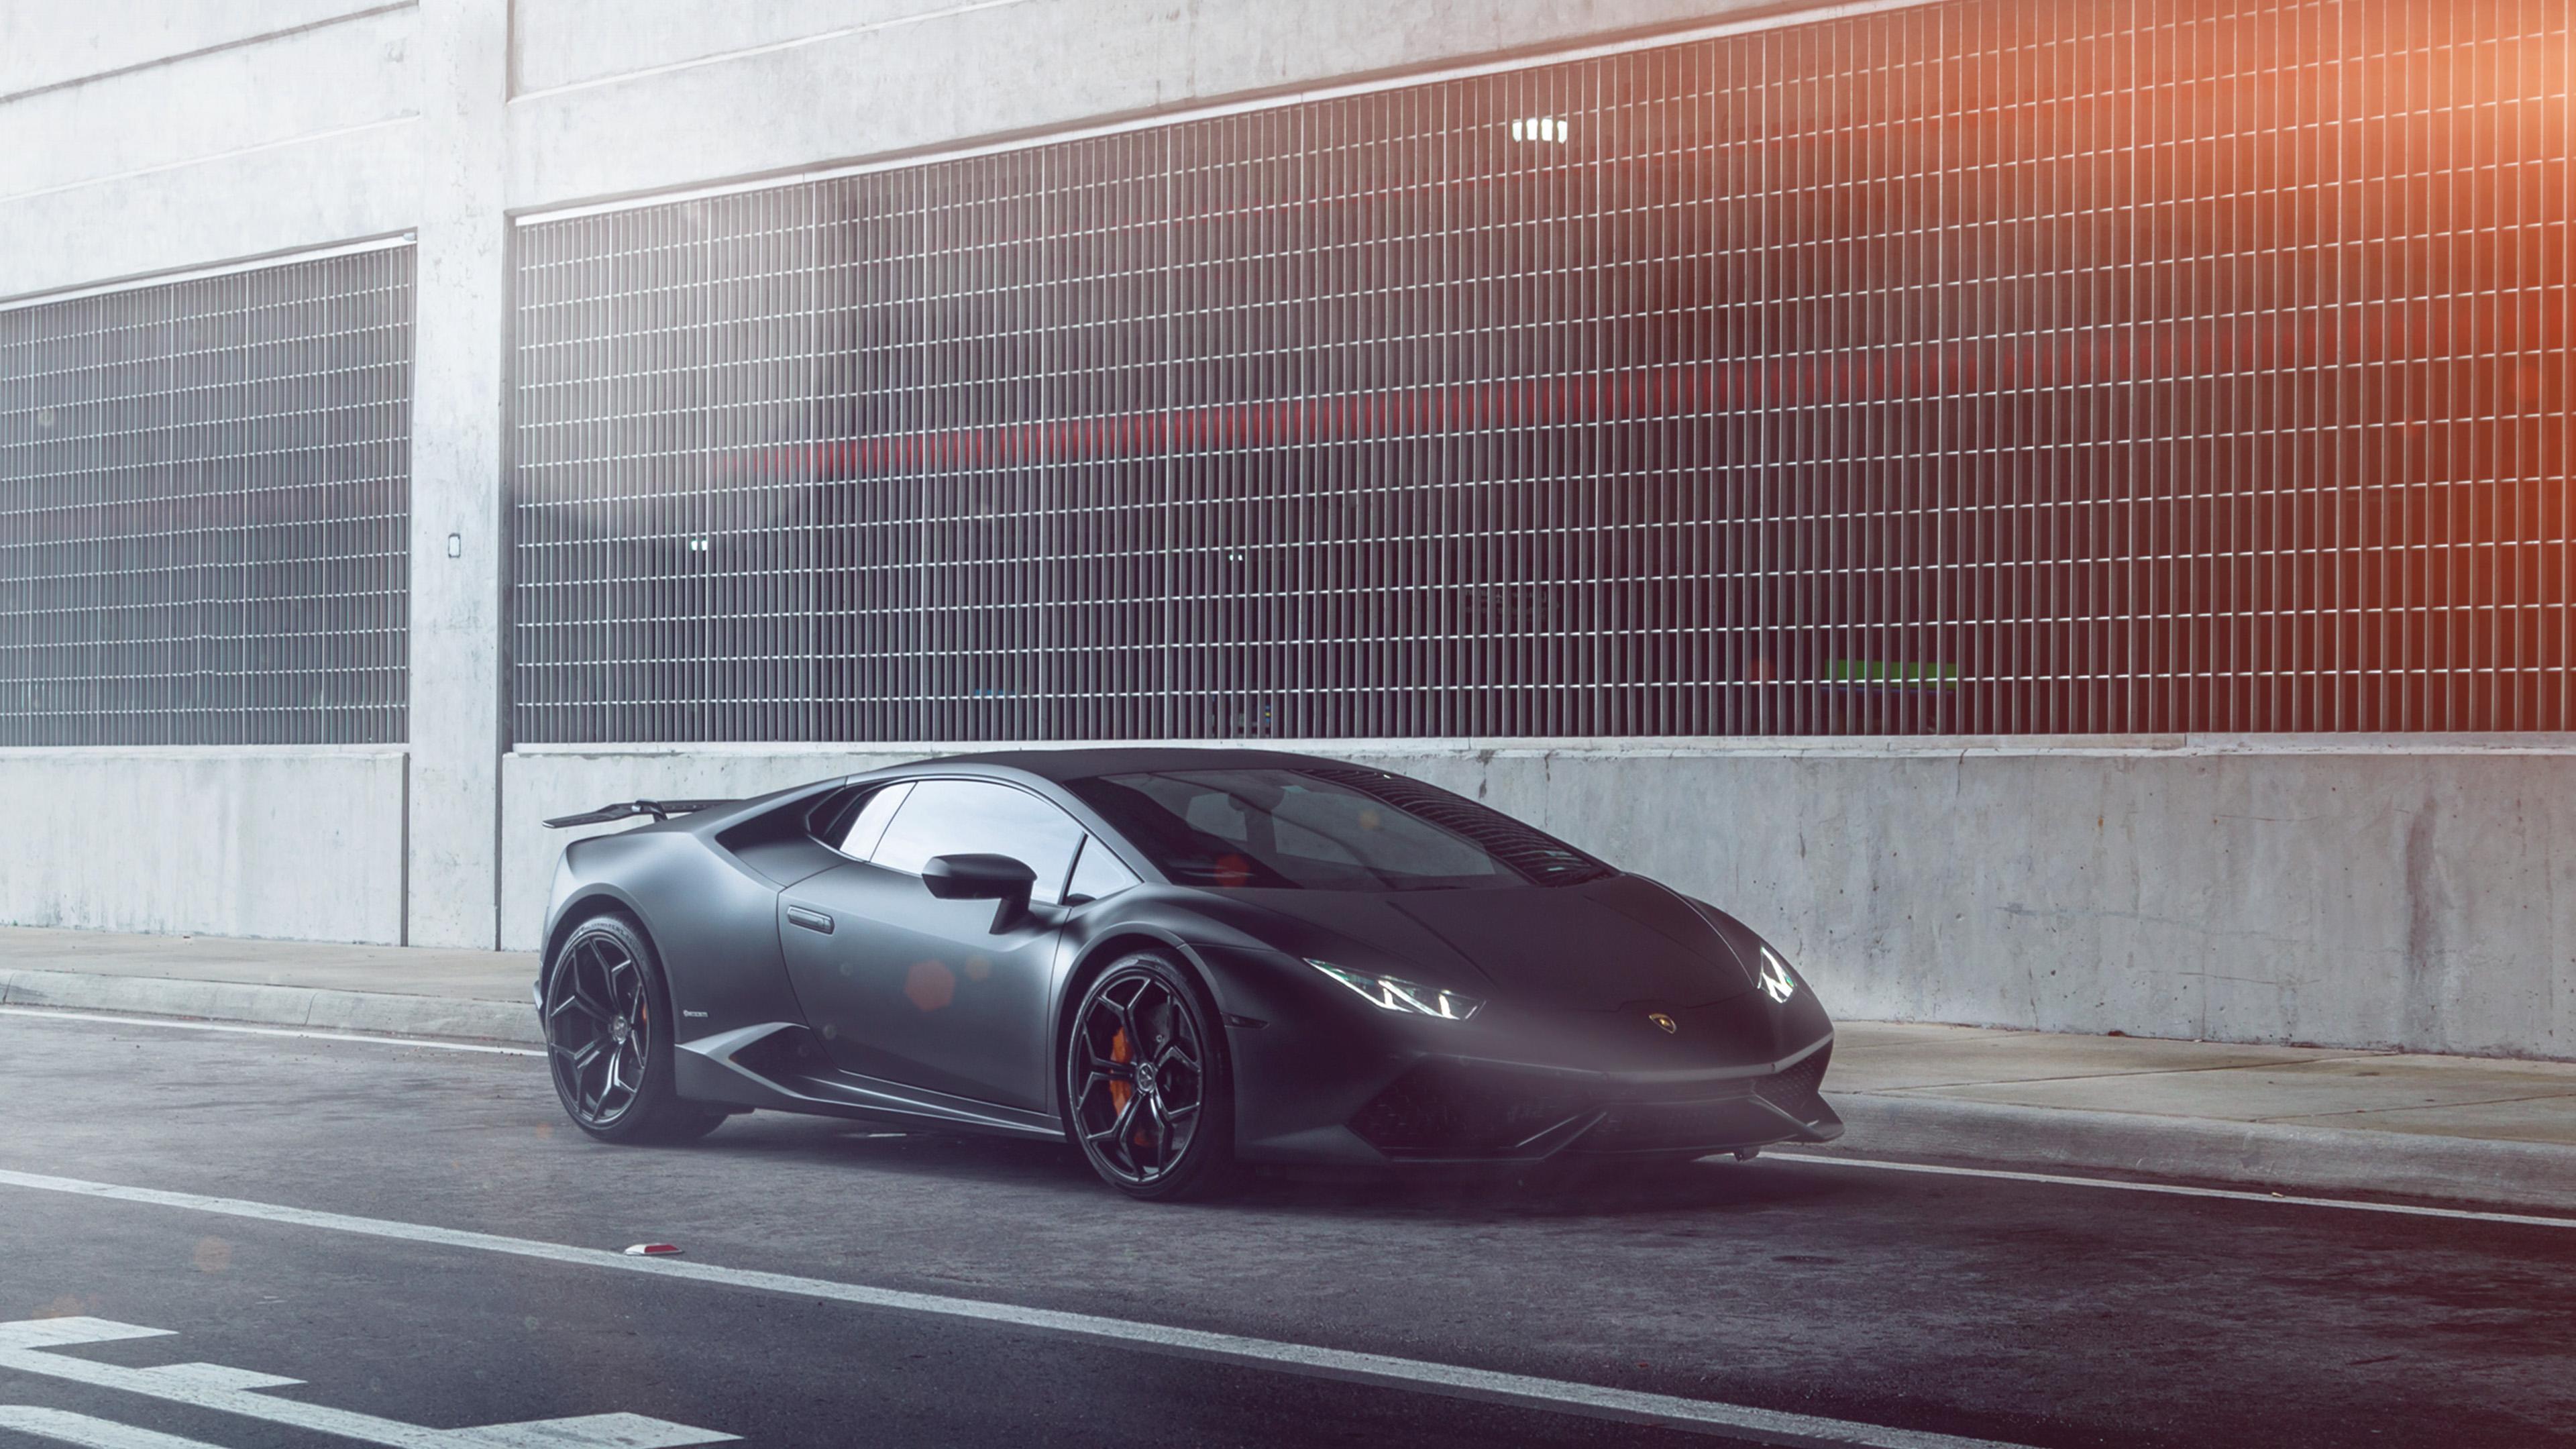 Pro Street Cars >> aq50-lamborghini-huracan-vellano-matte-black-car-flare ...